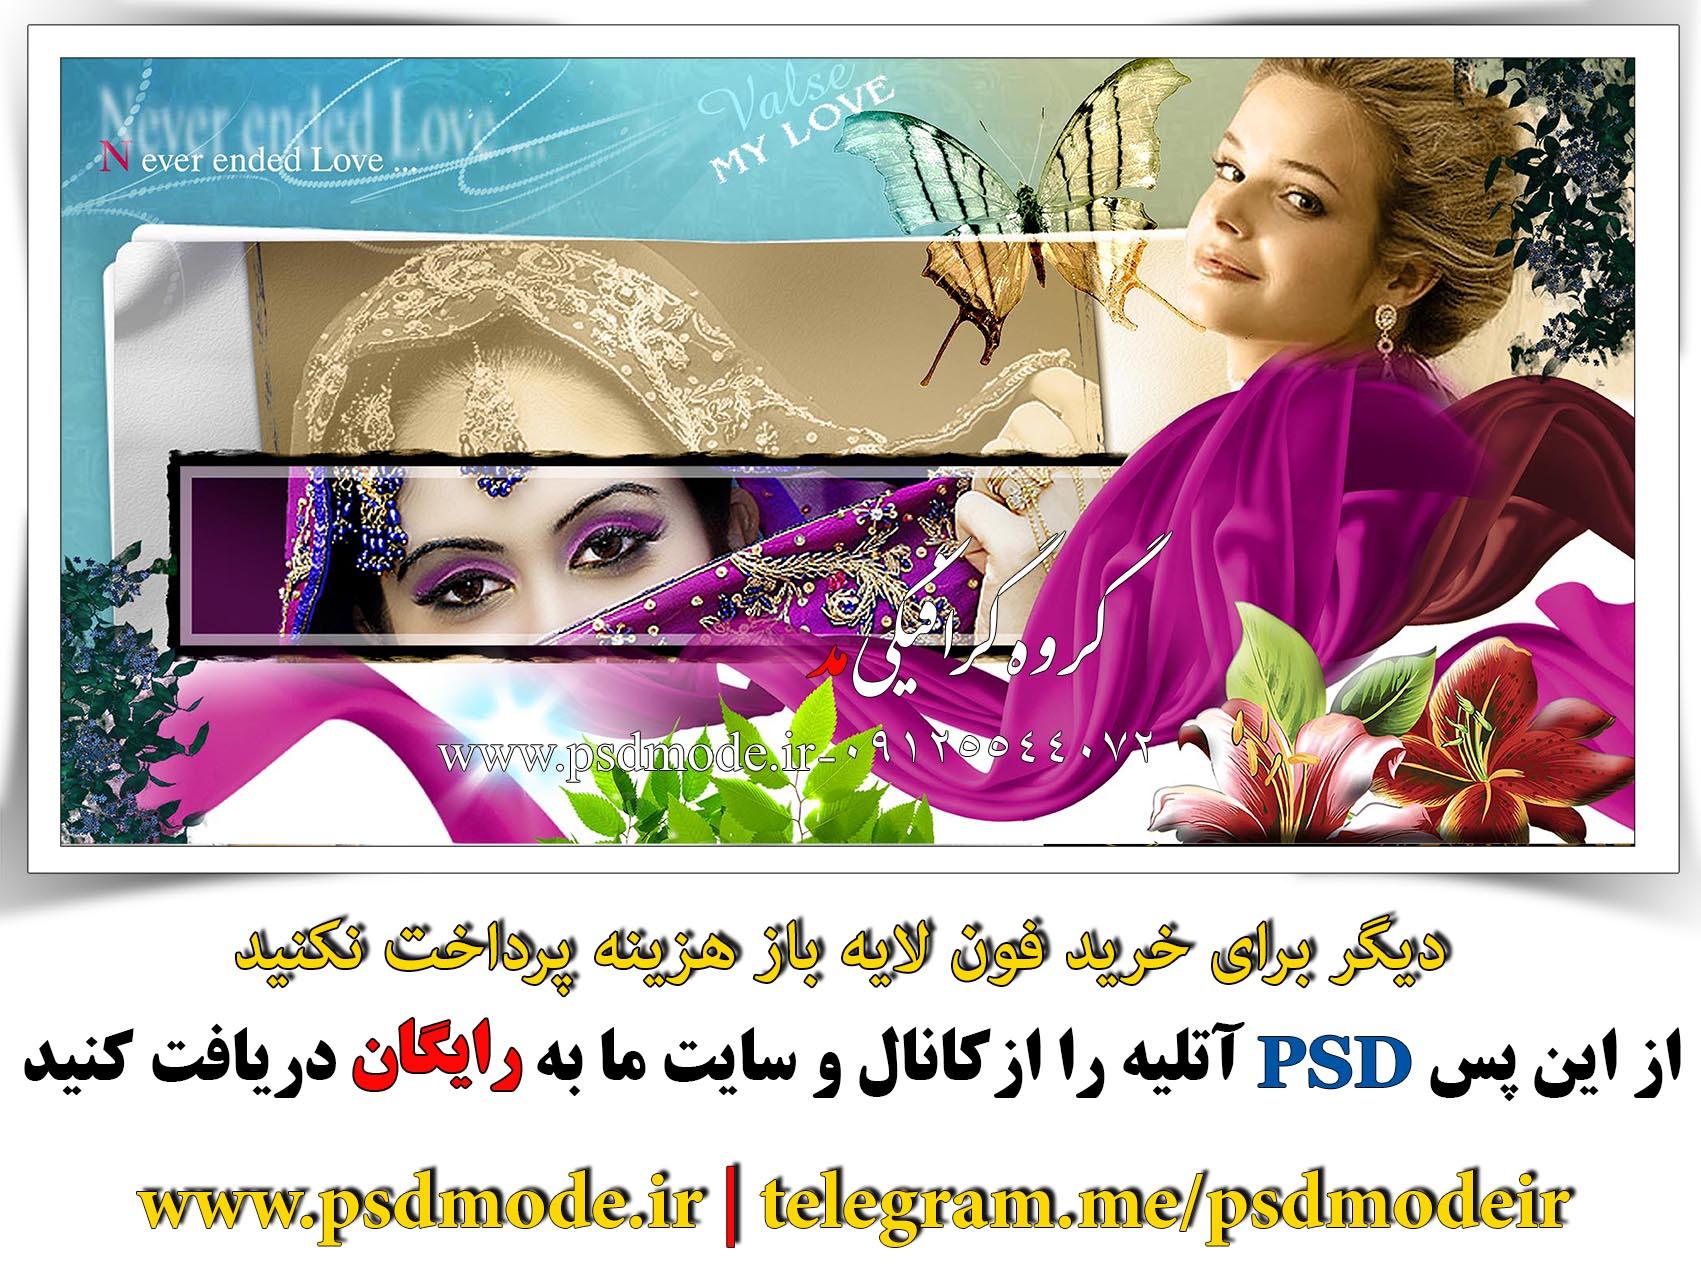 دانلود رایگان فون آلبوم عروس و داماد